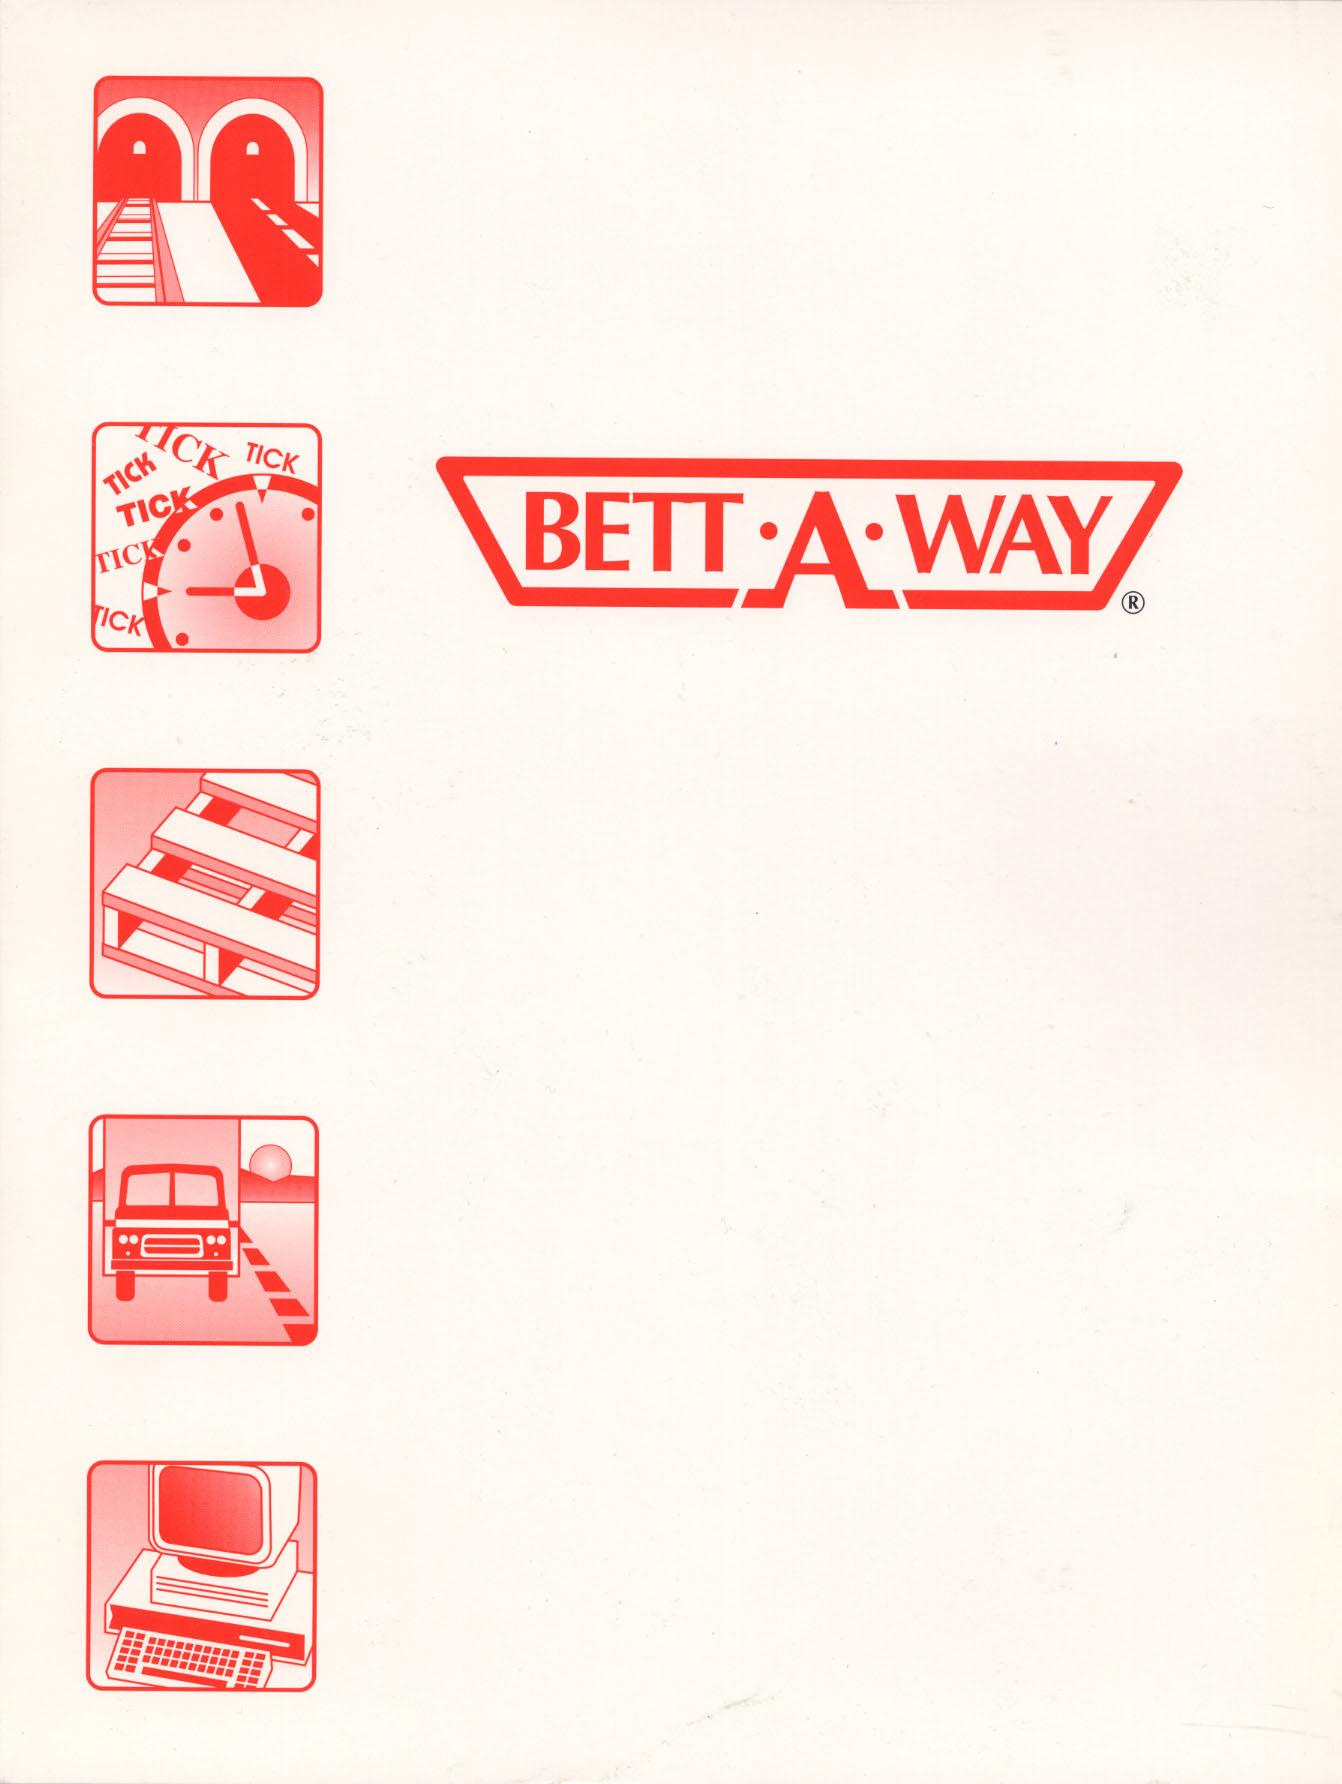 bett-a-way.jpg